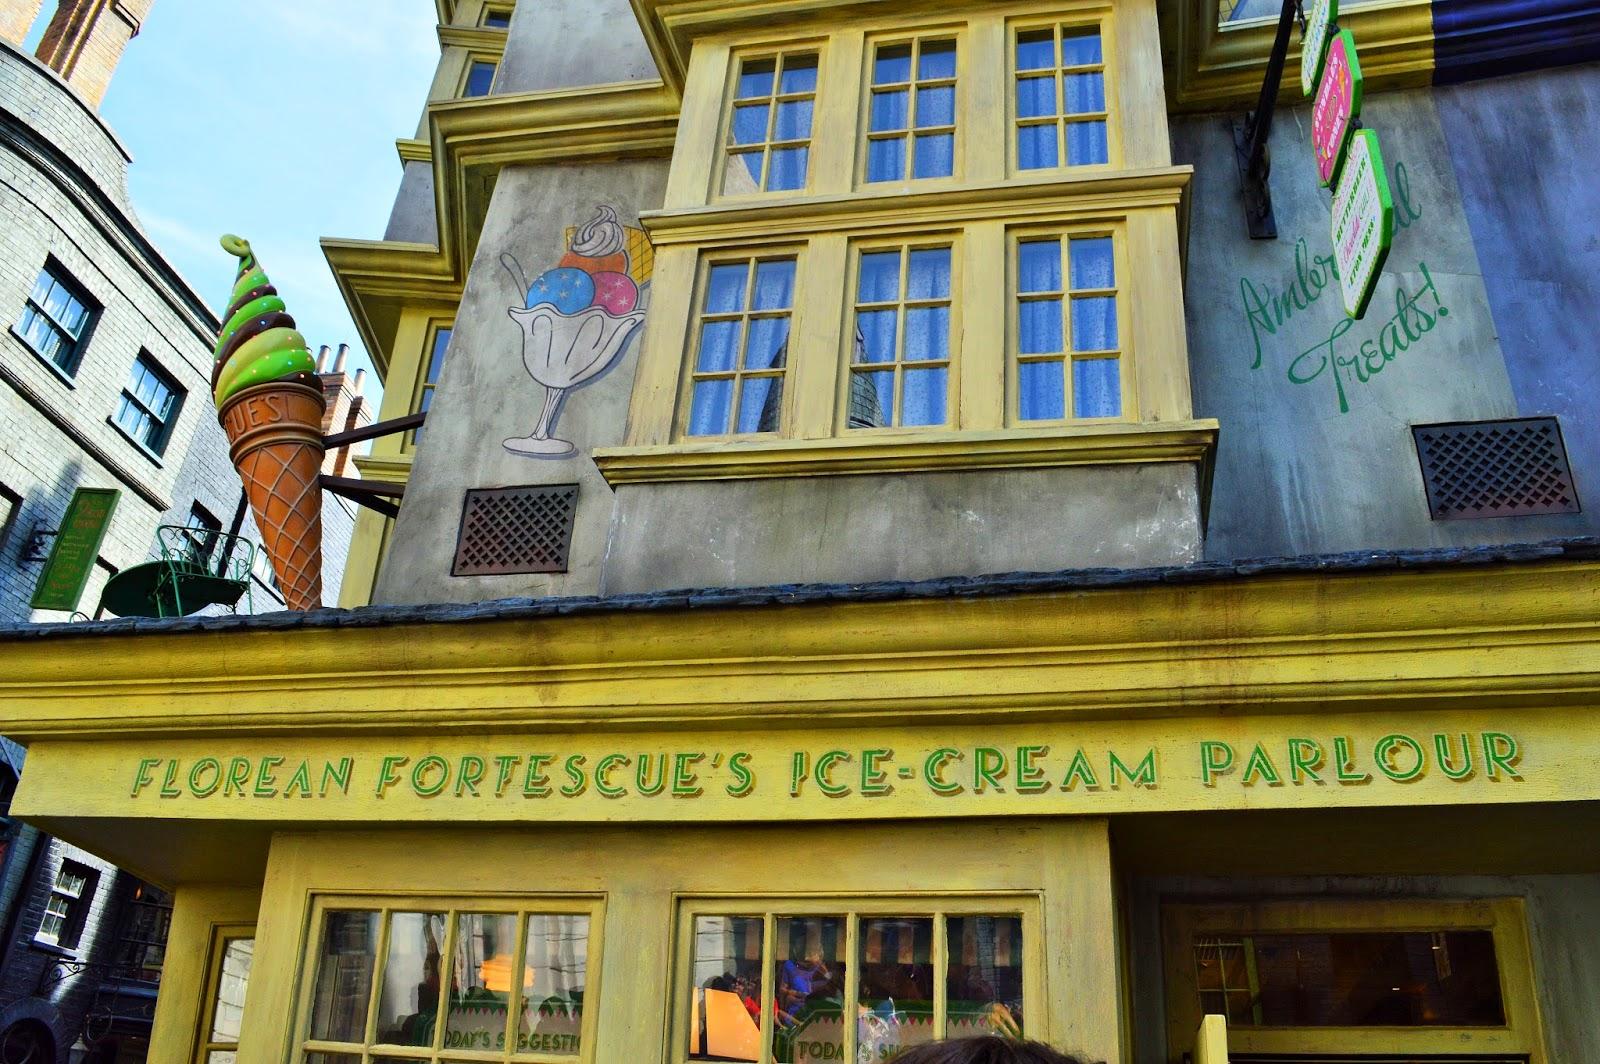 Florean Fortescue Ice-Cream Parlour Treats